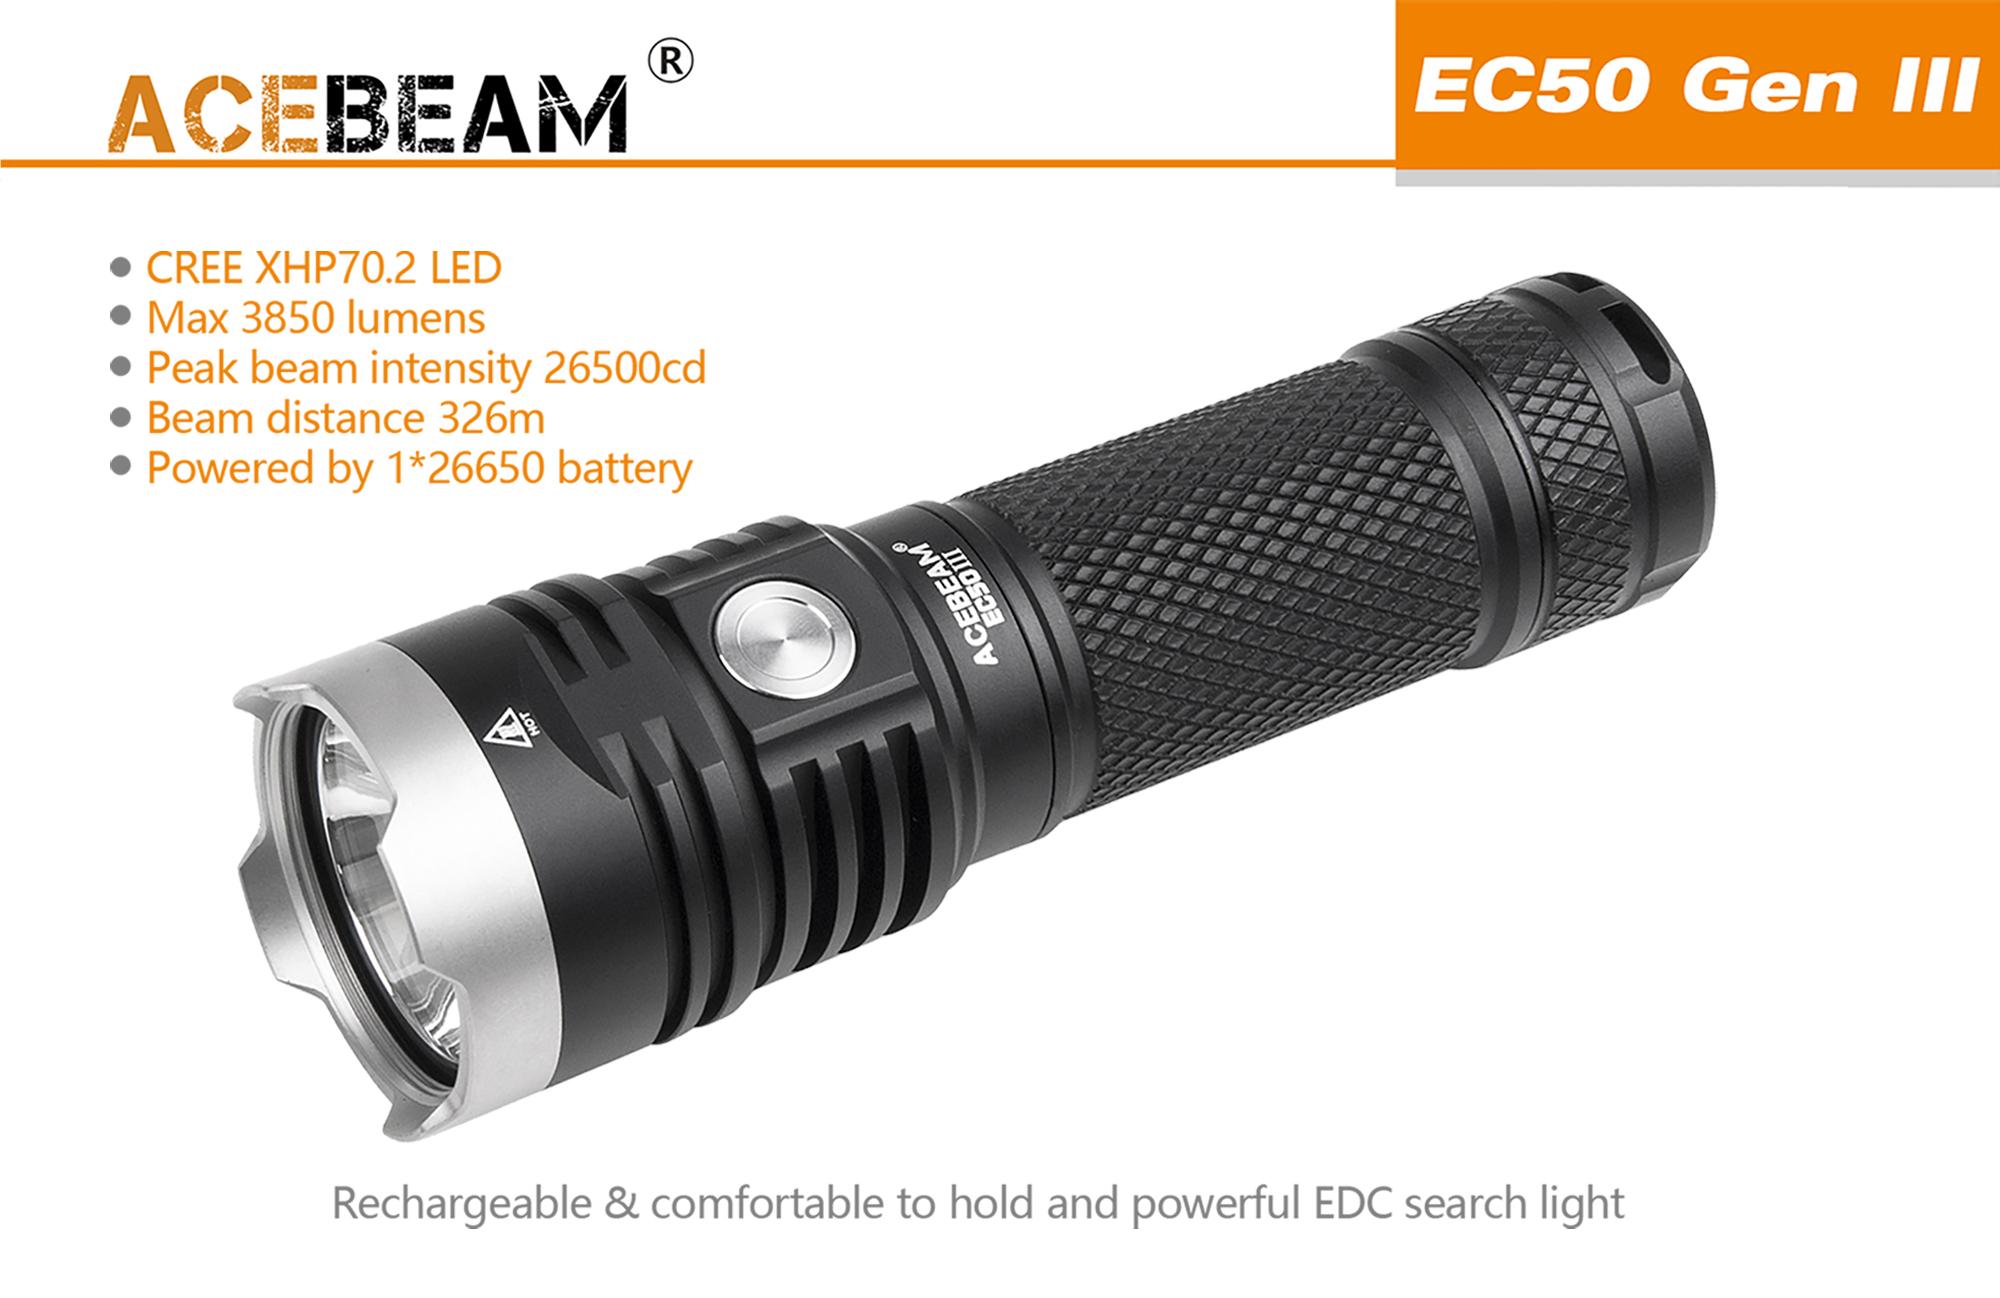 acebeam ec50